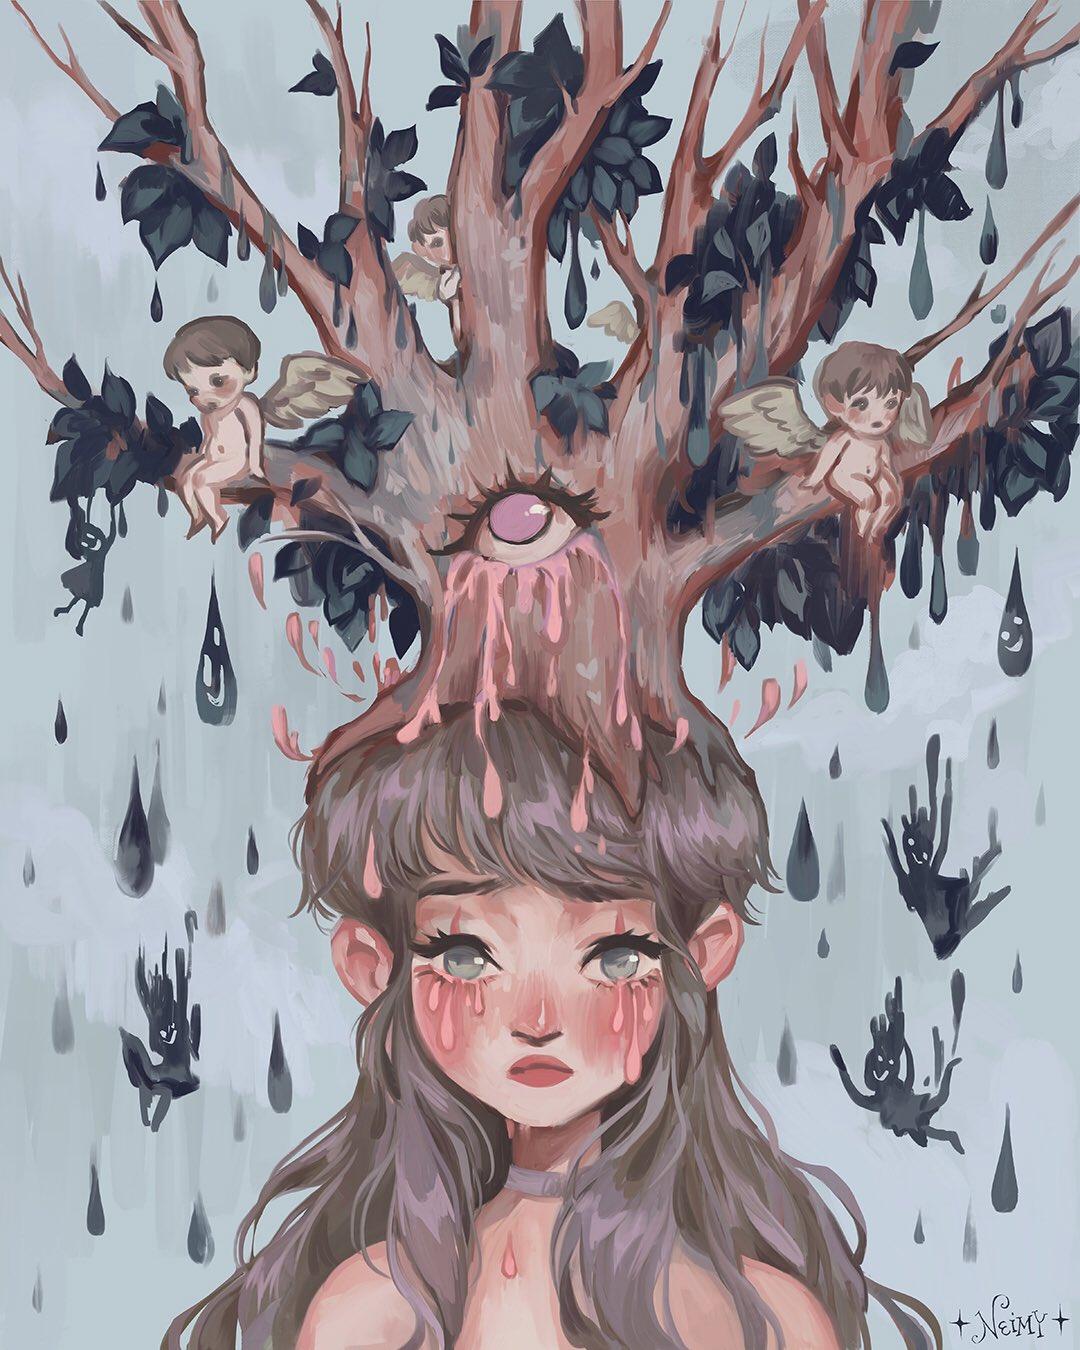 GirlsclubAsia-Artist-Neimy-4